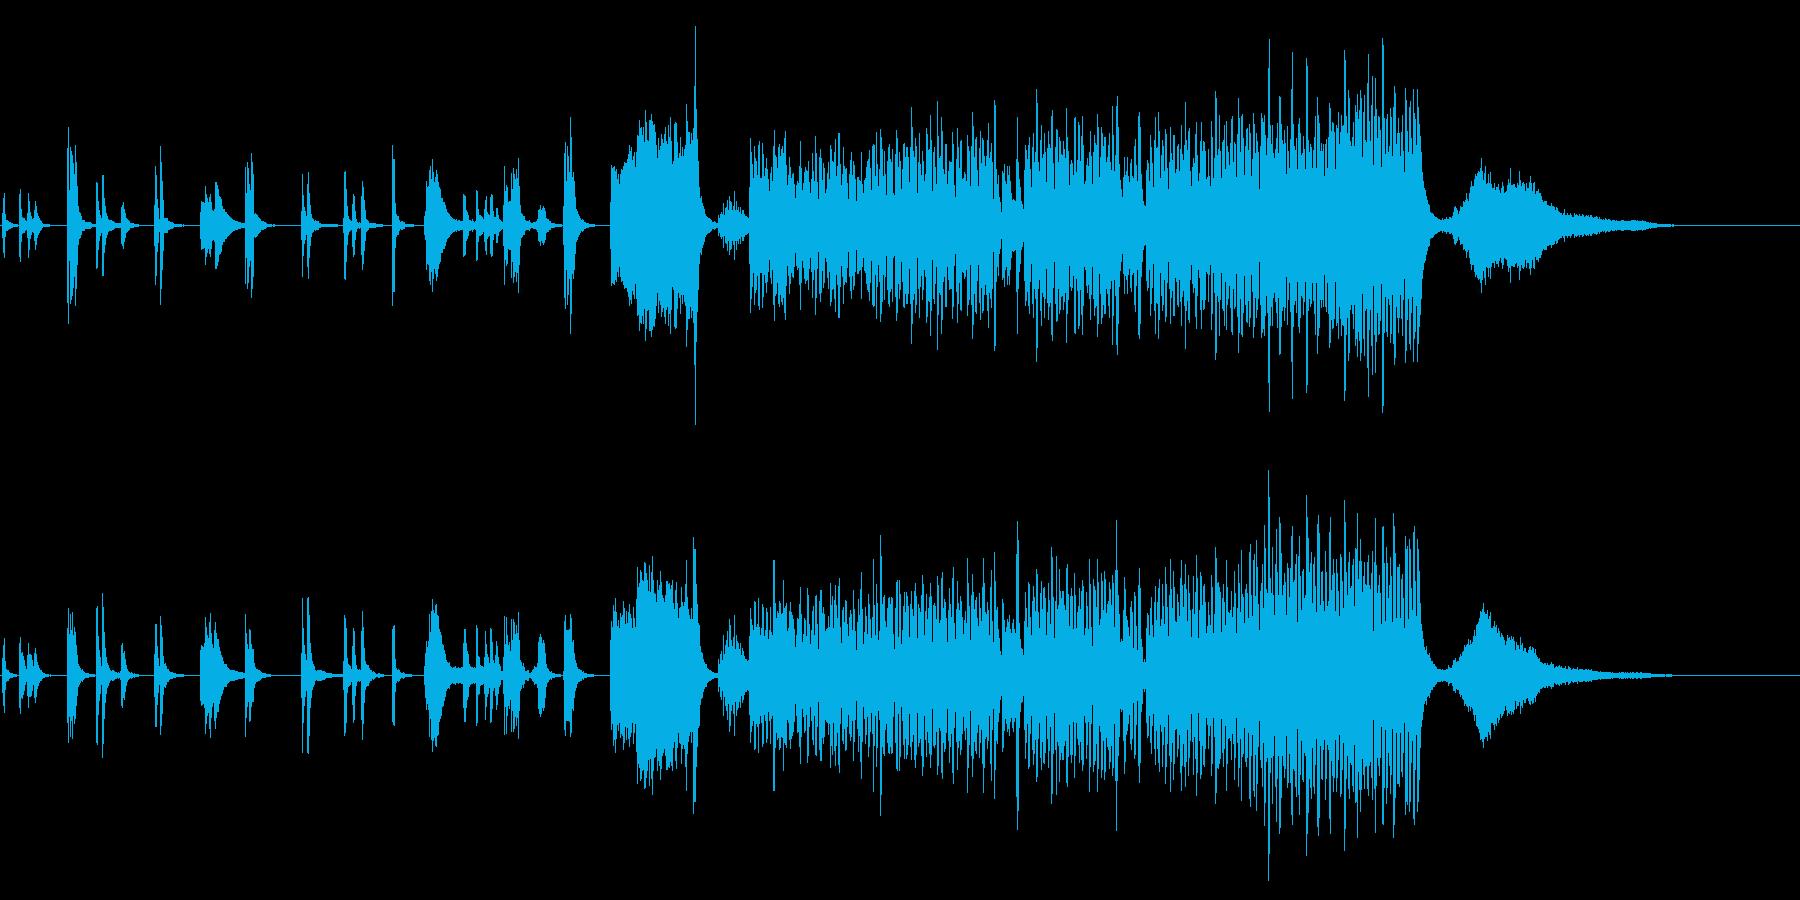 トムとジェリー風のバトル&コミカル音楽の再生済みの波形